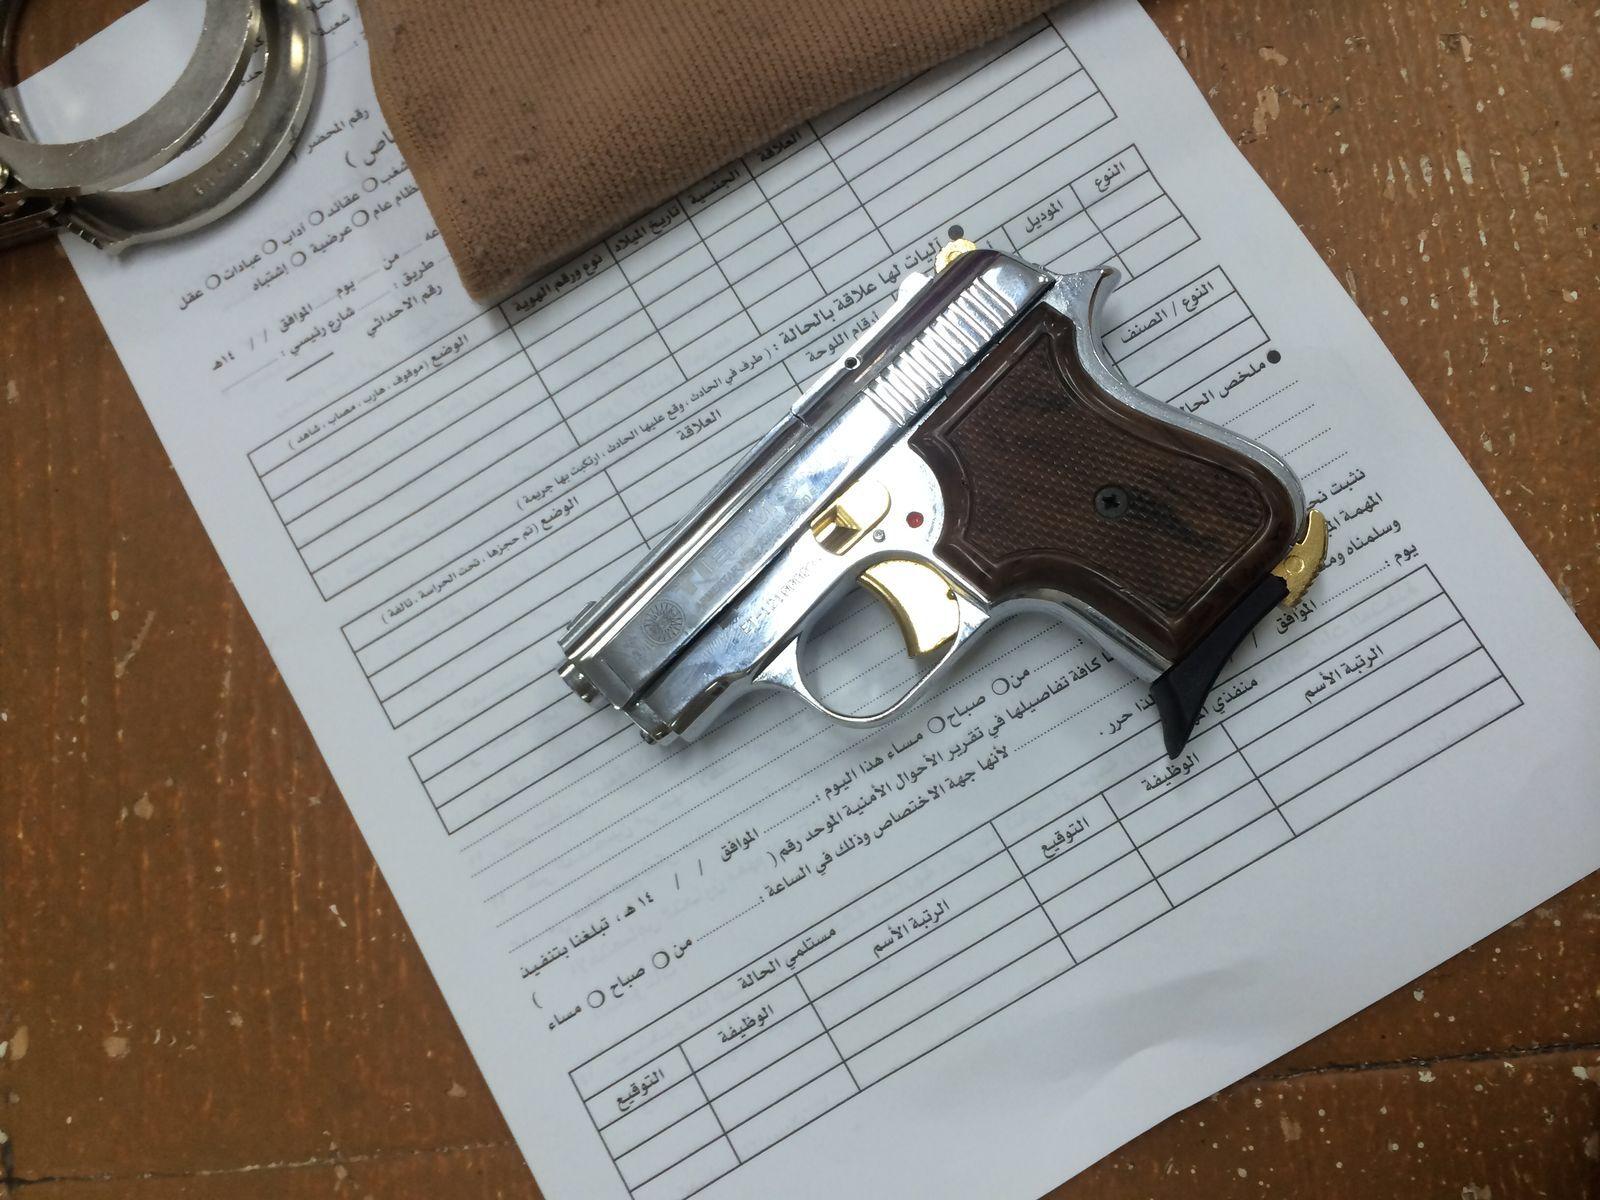 ضبط اسلحة بمكة (4)